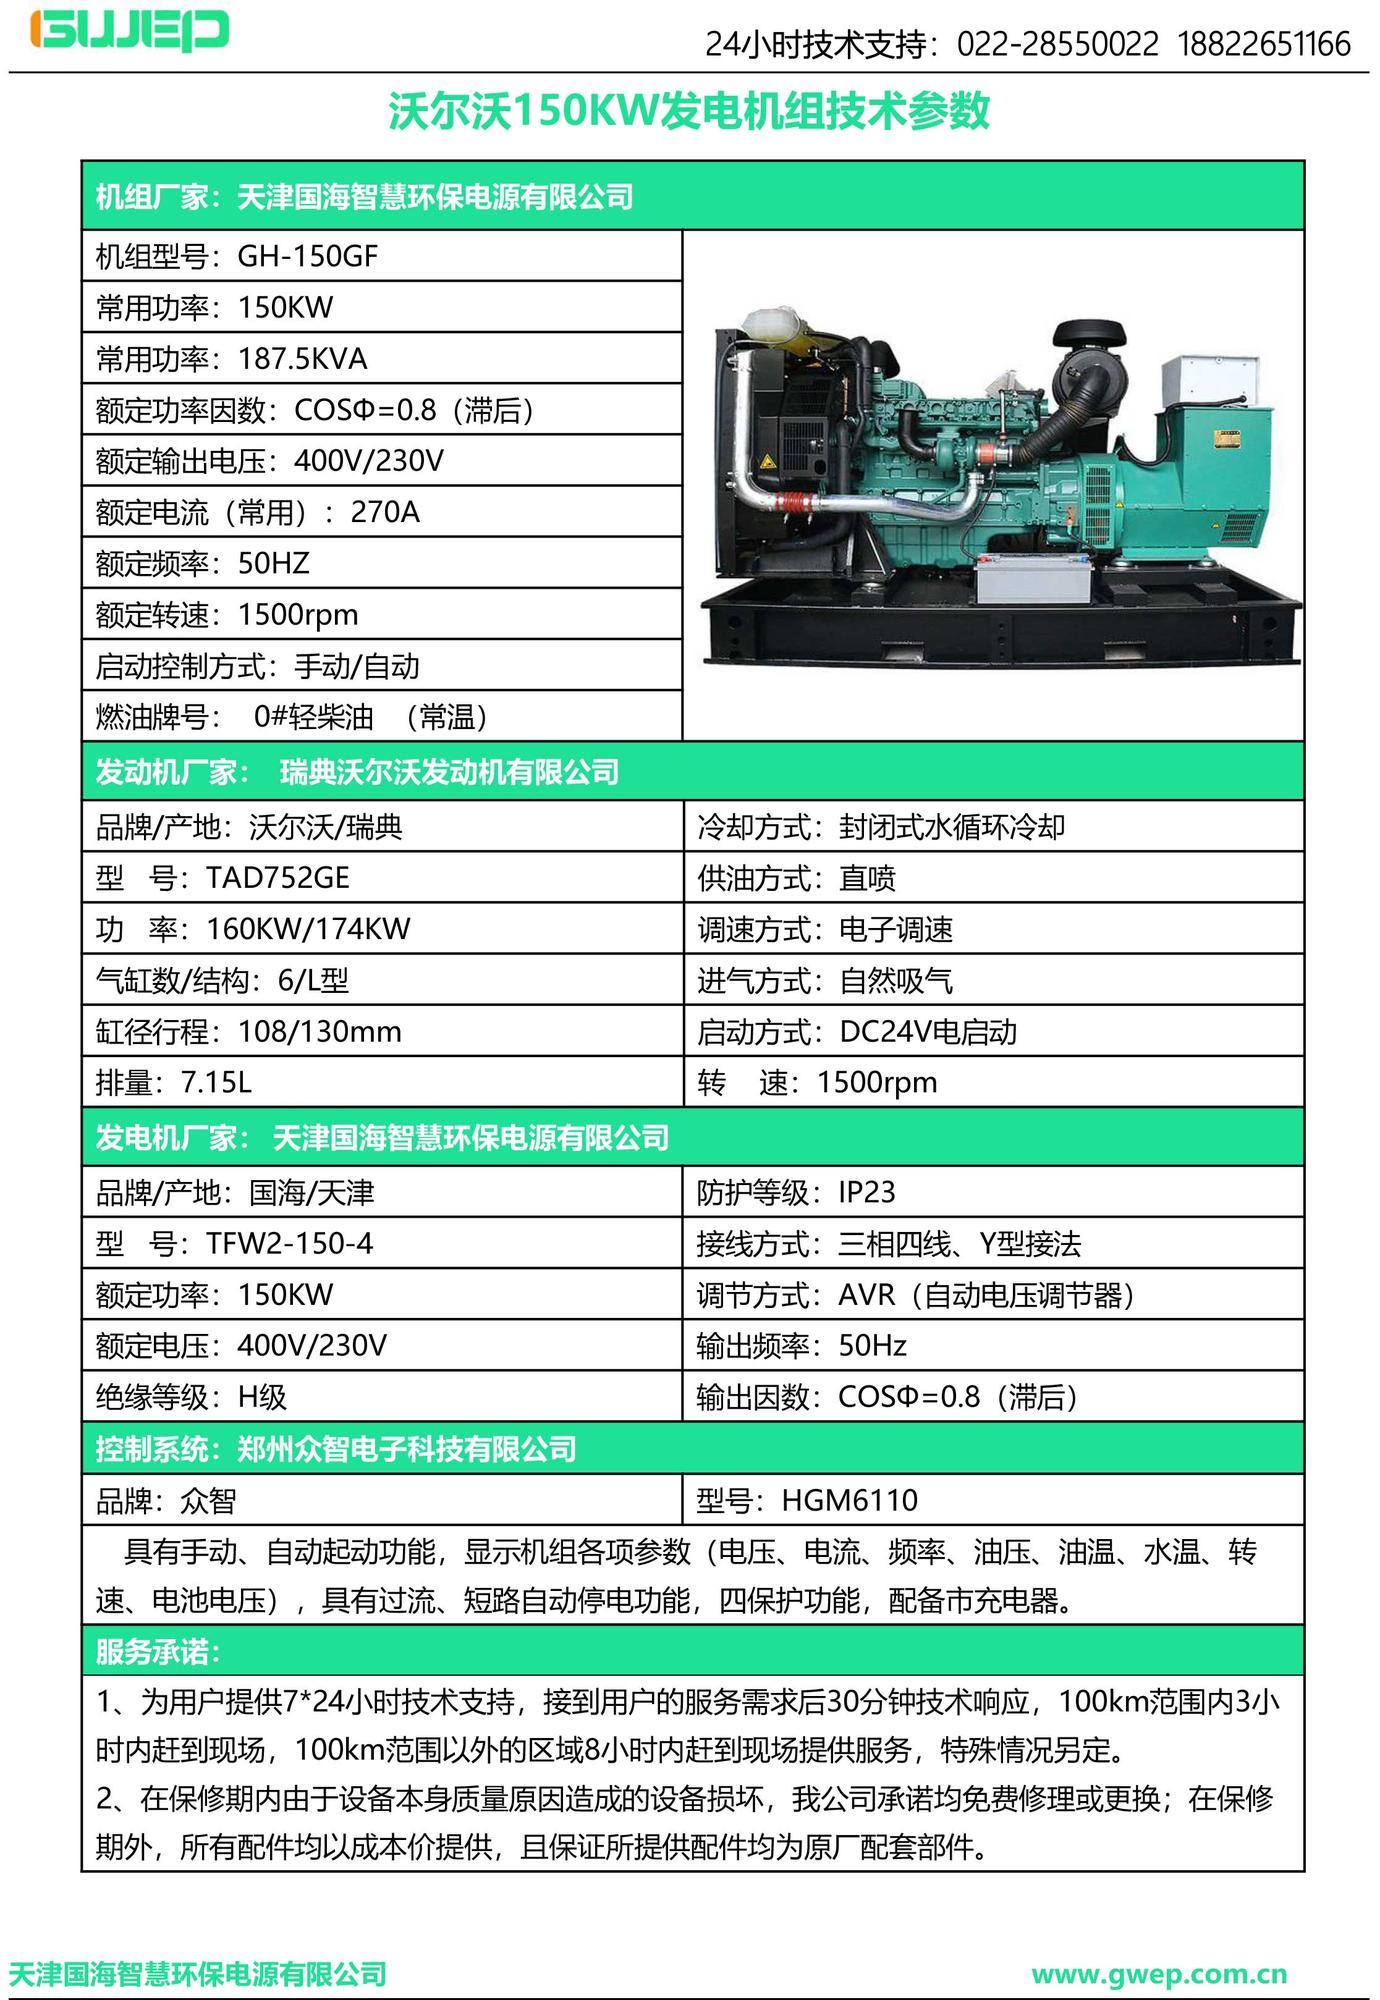 沃尔沃150KW发电机组技术资料-2.jpg